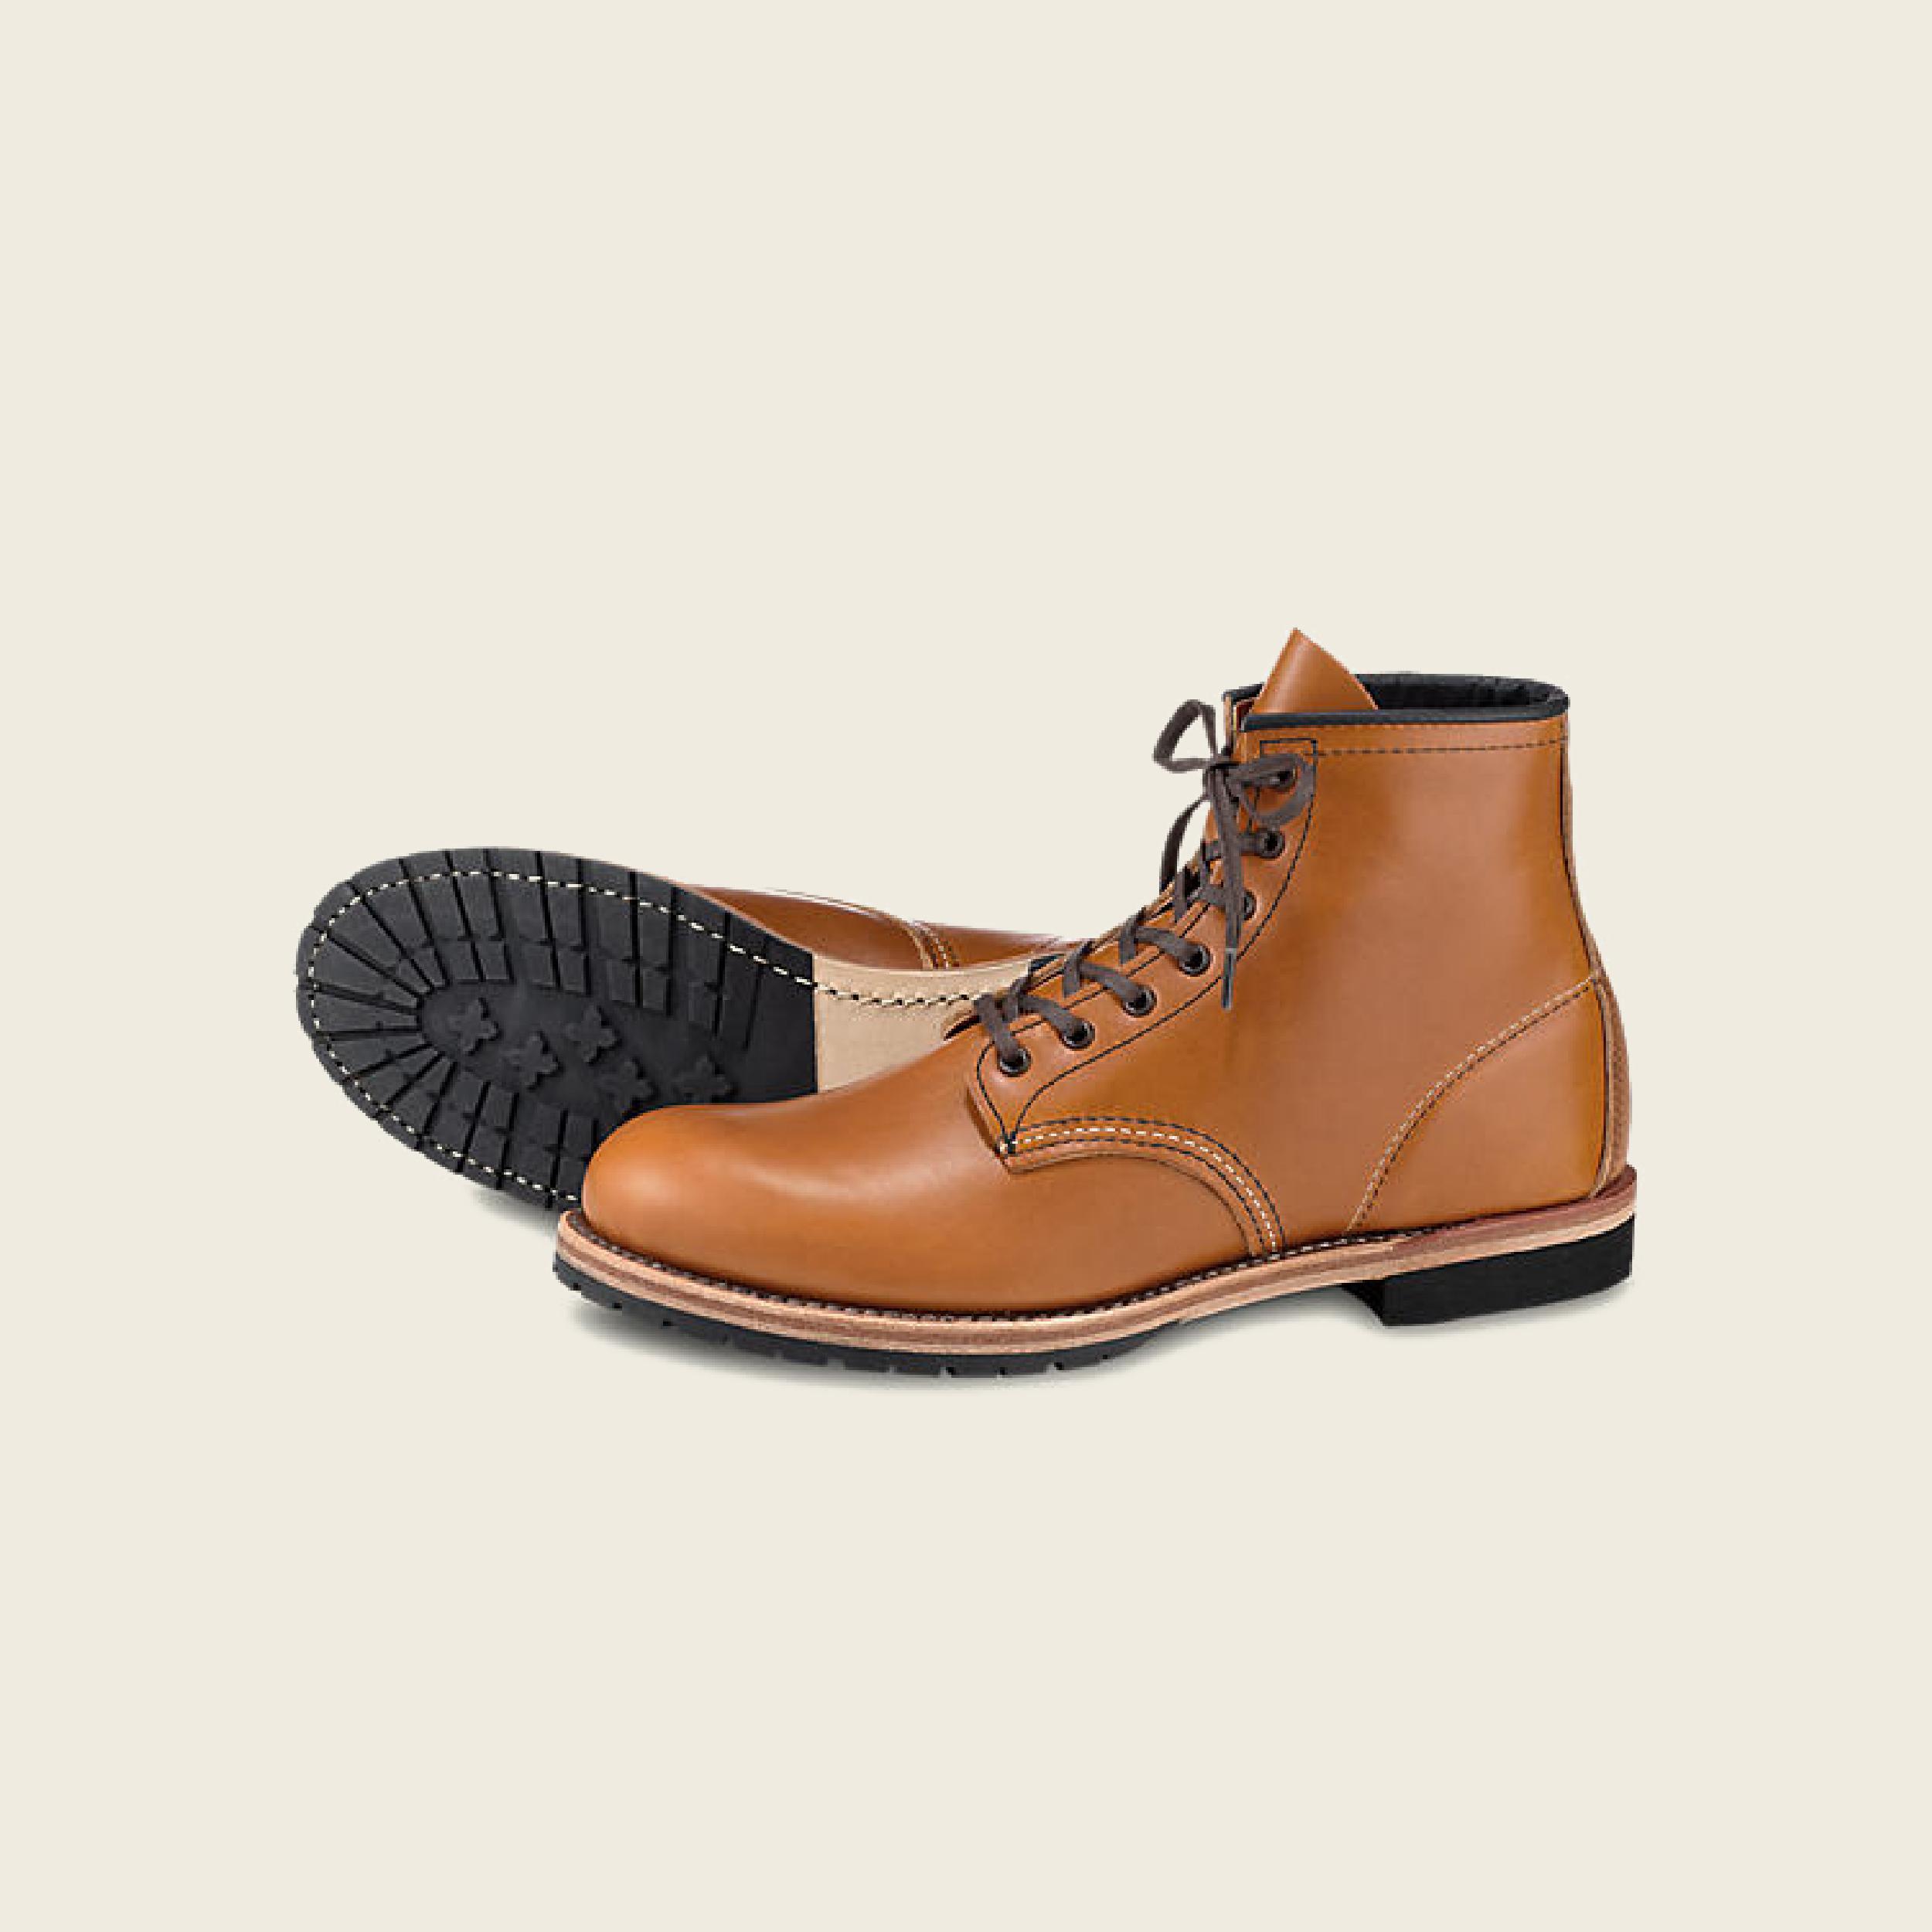 mens dress boots online